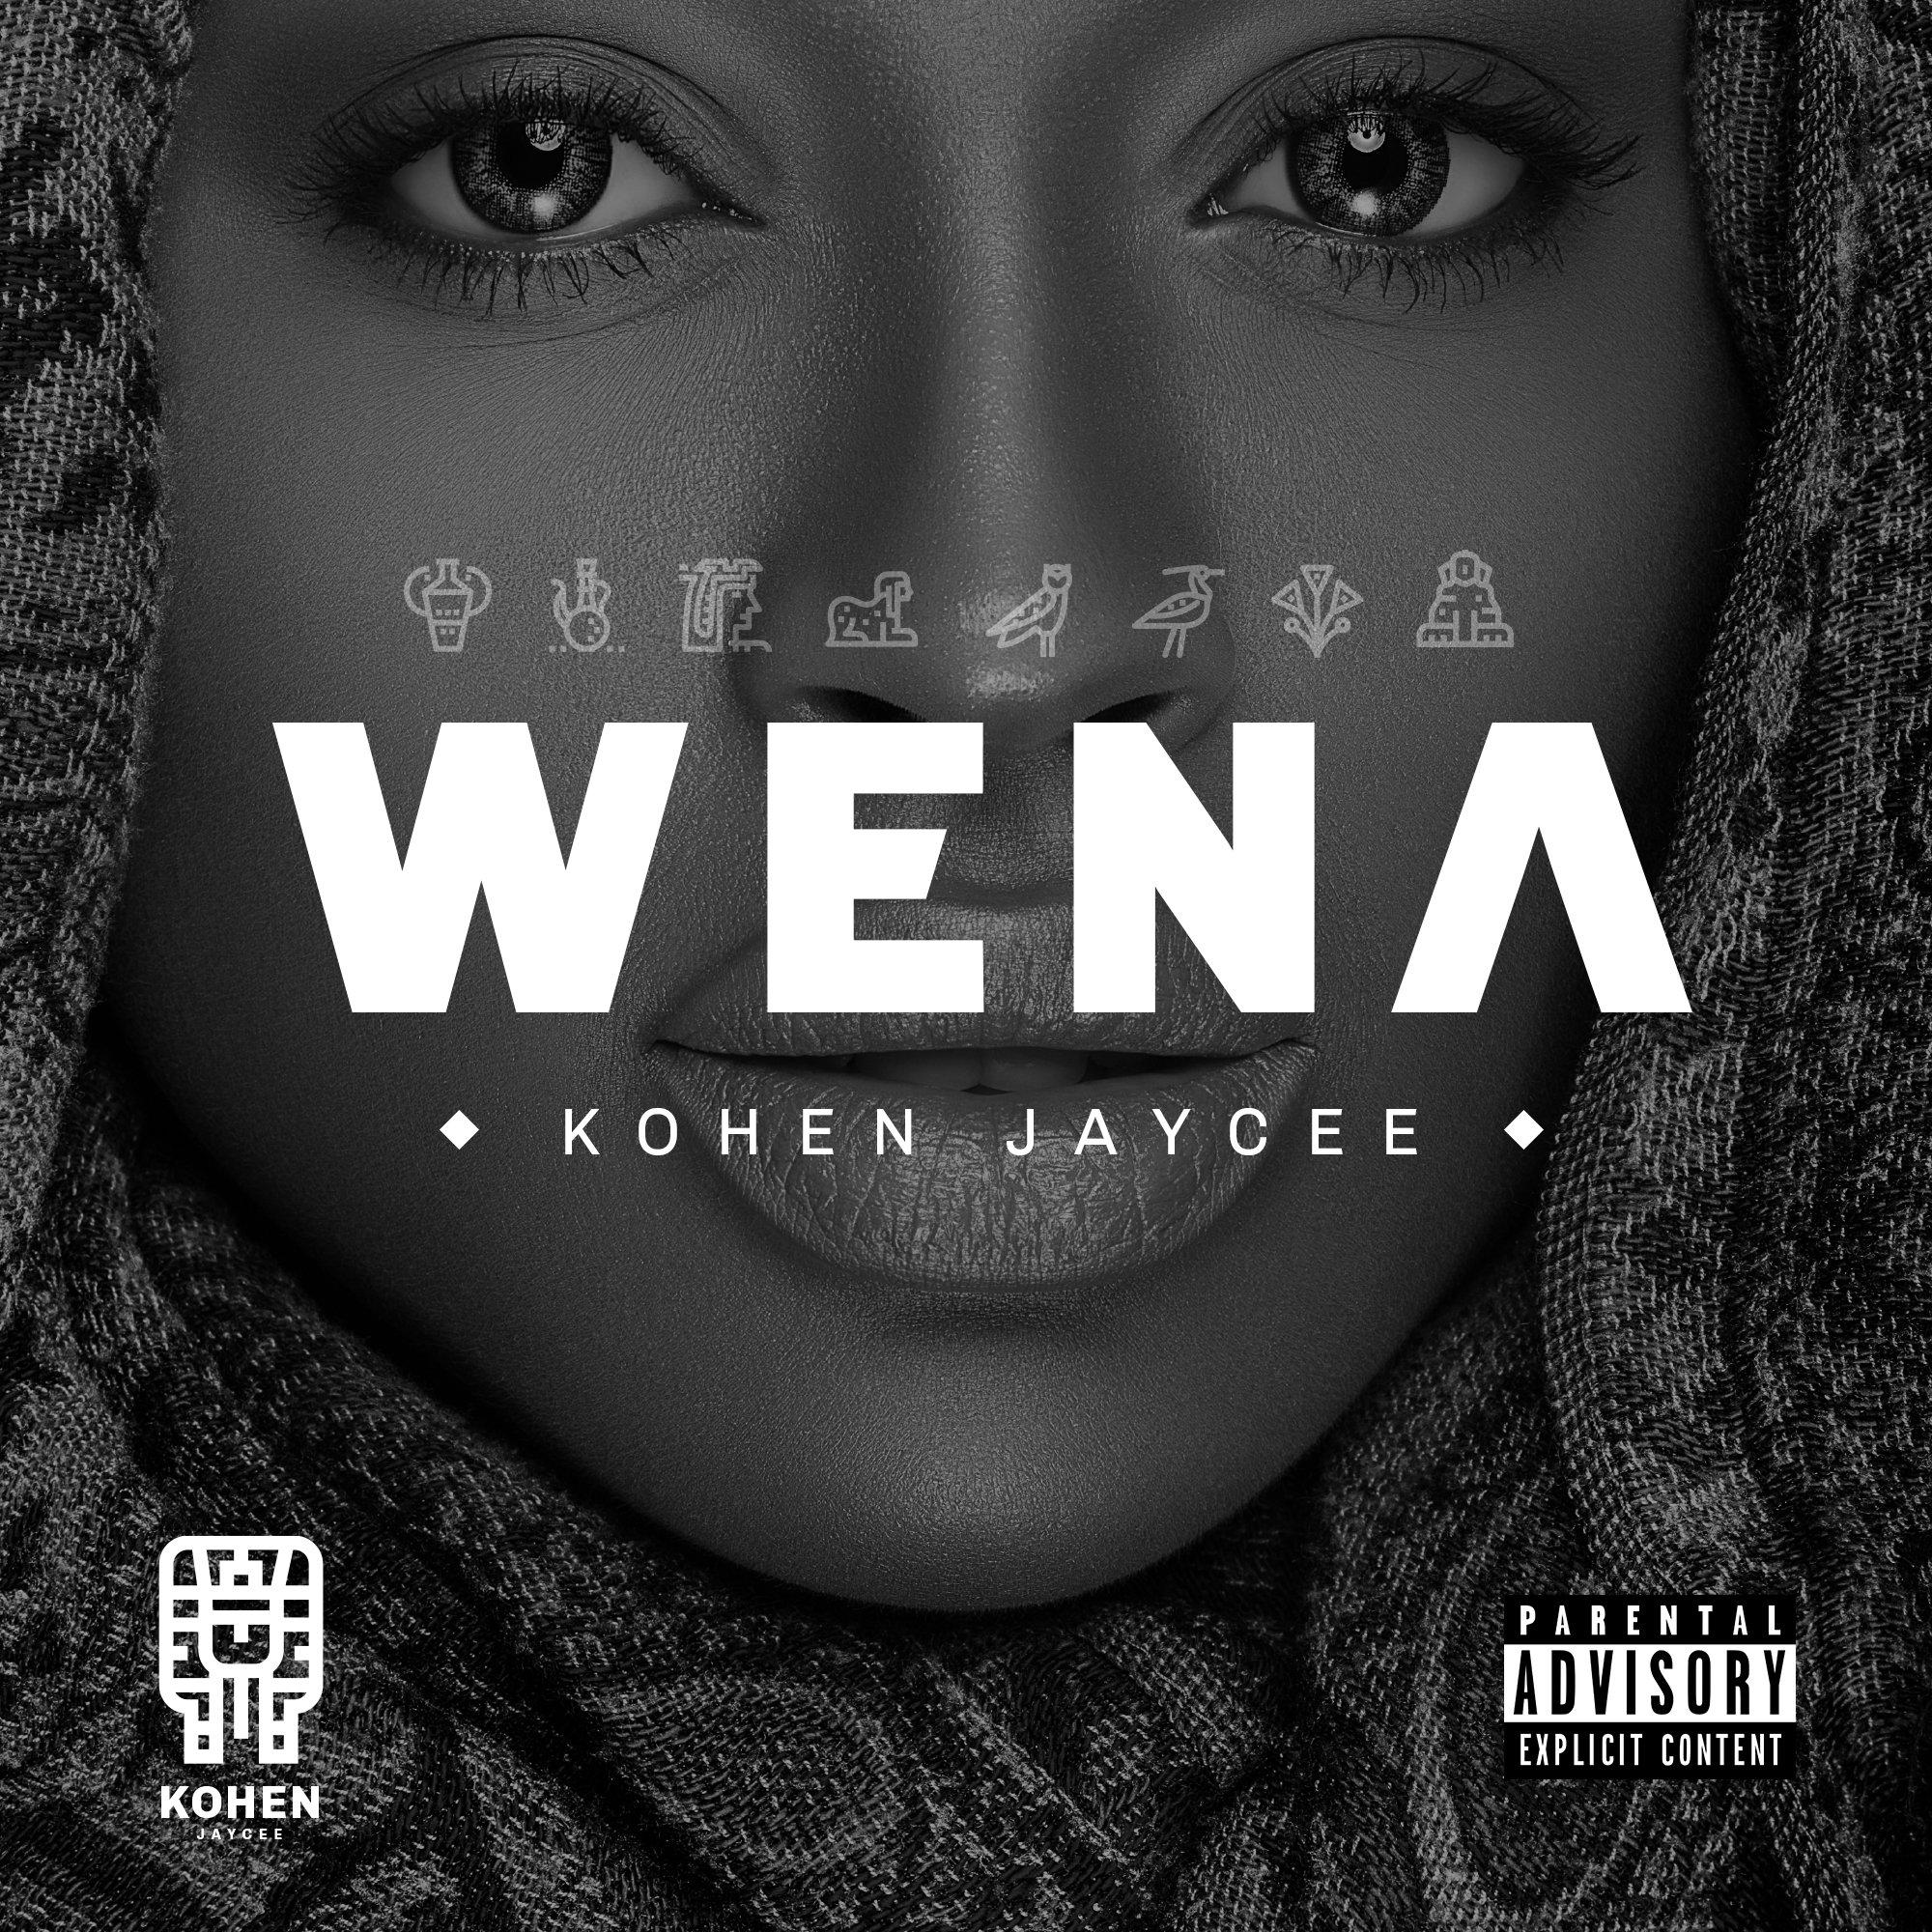 Review: Kohen Jaycee's 'Wena' is a masterstroke